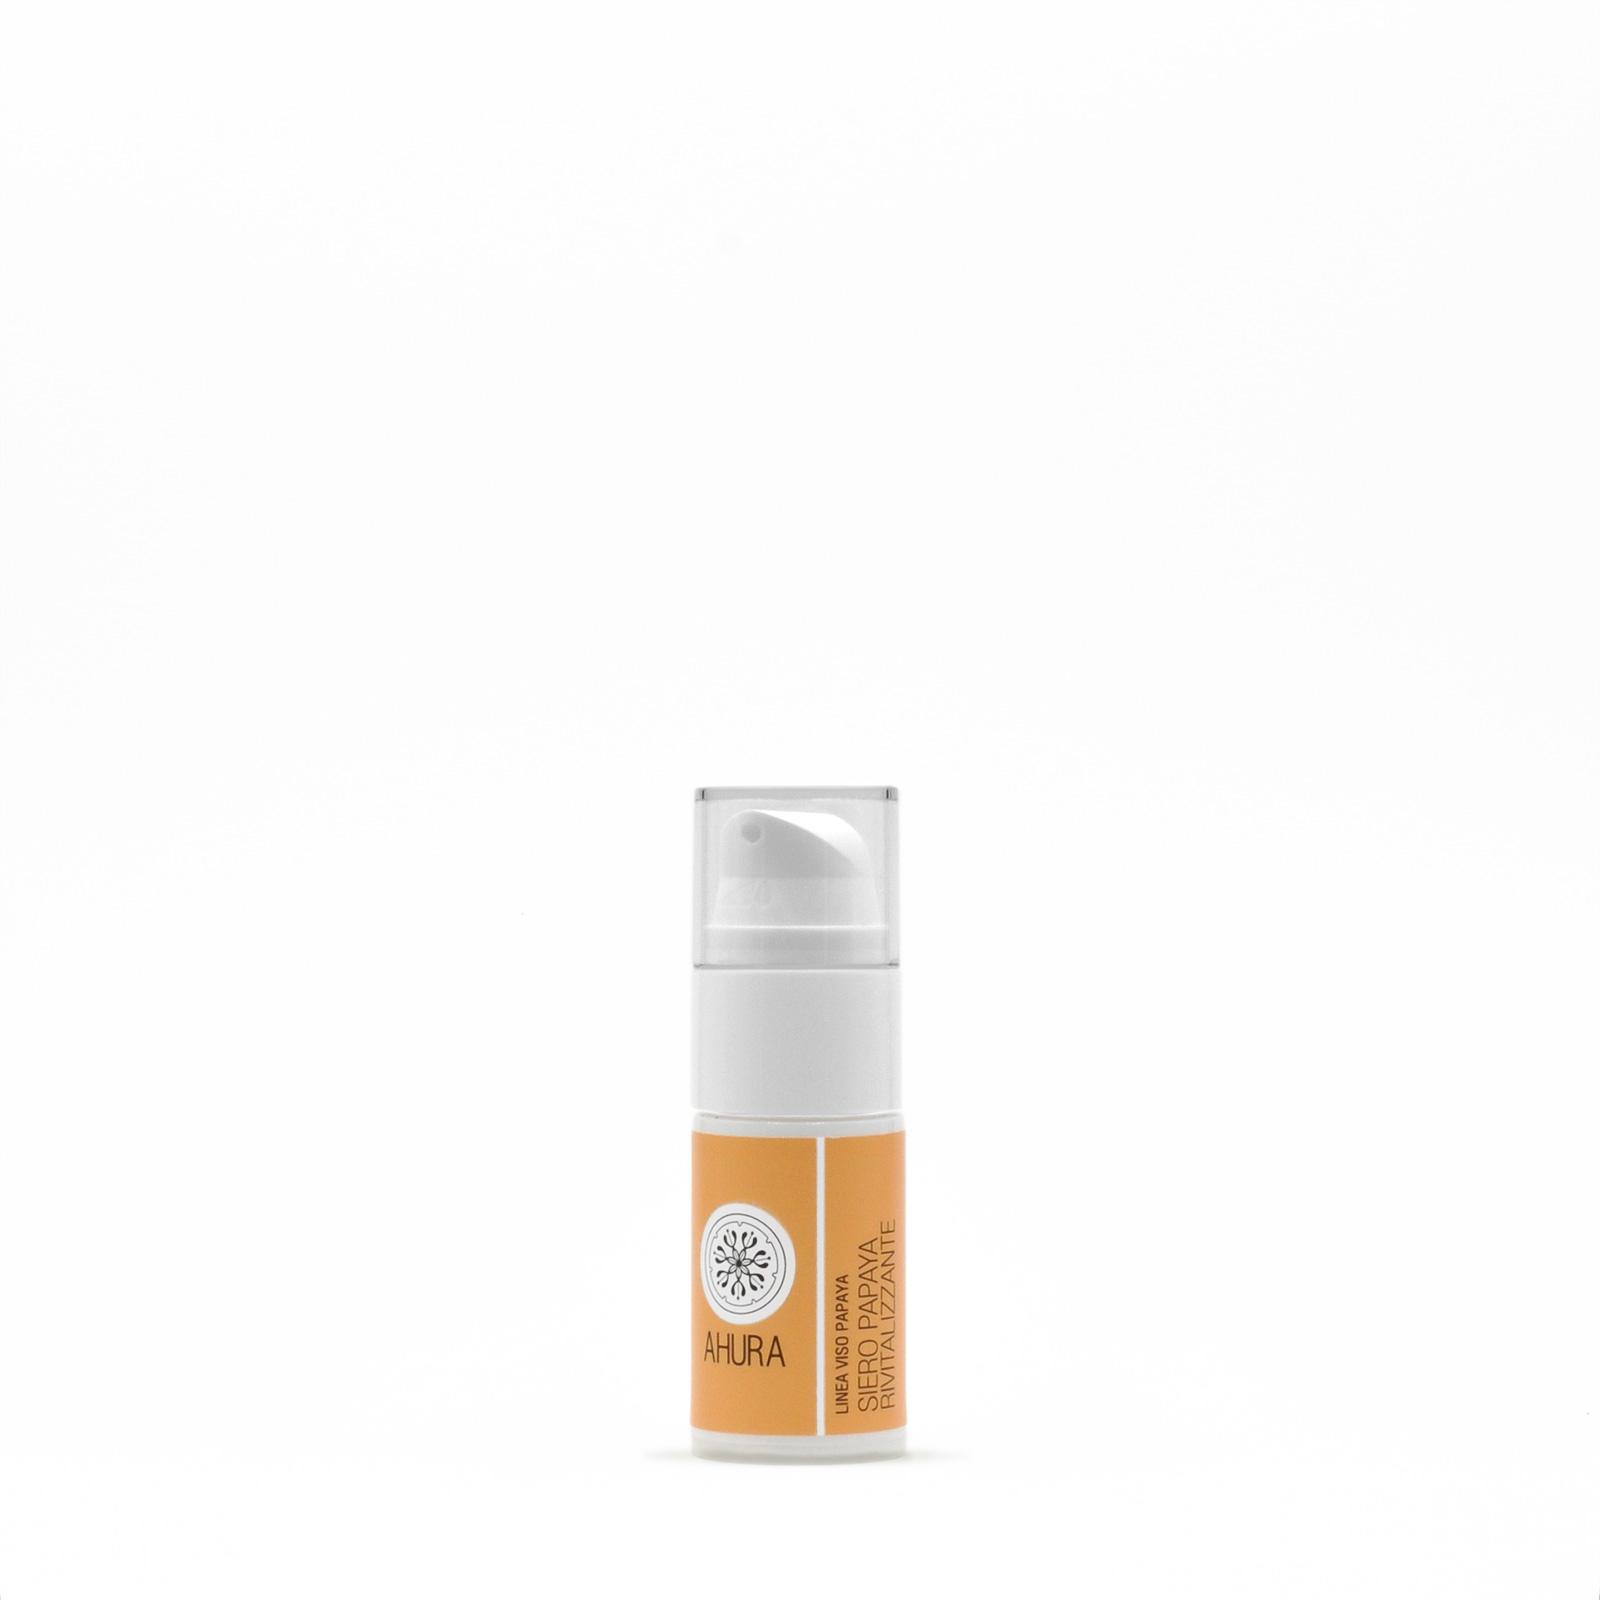 A0251 siero papaya rivitalizzante 01 - Ahura